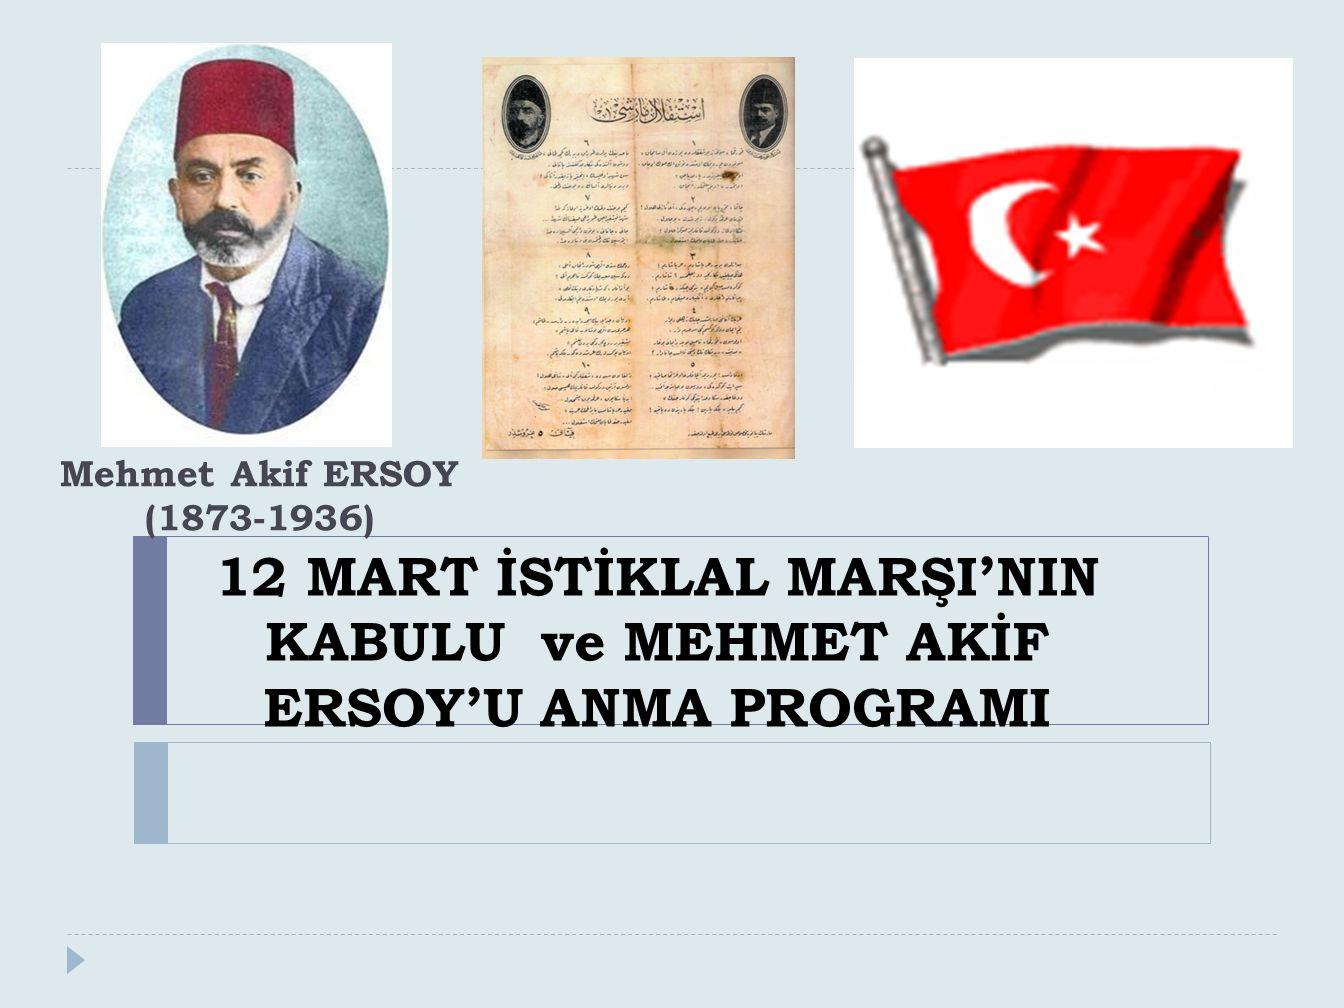 Vatanperver şairimiz Mehmet Akif Ersoy'u rahmetle ve saygıyla anıyoruz.